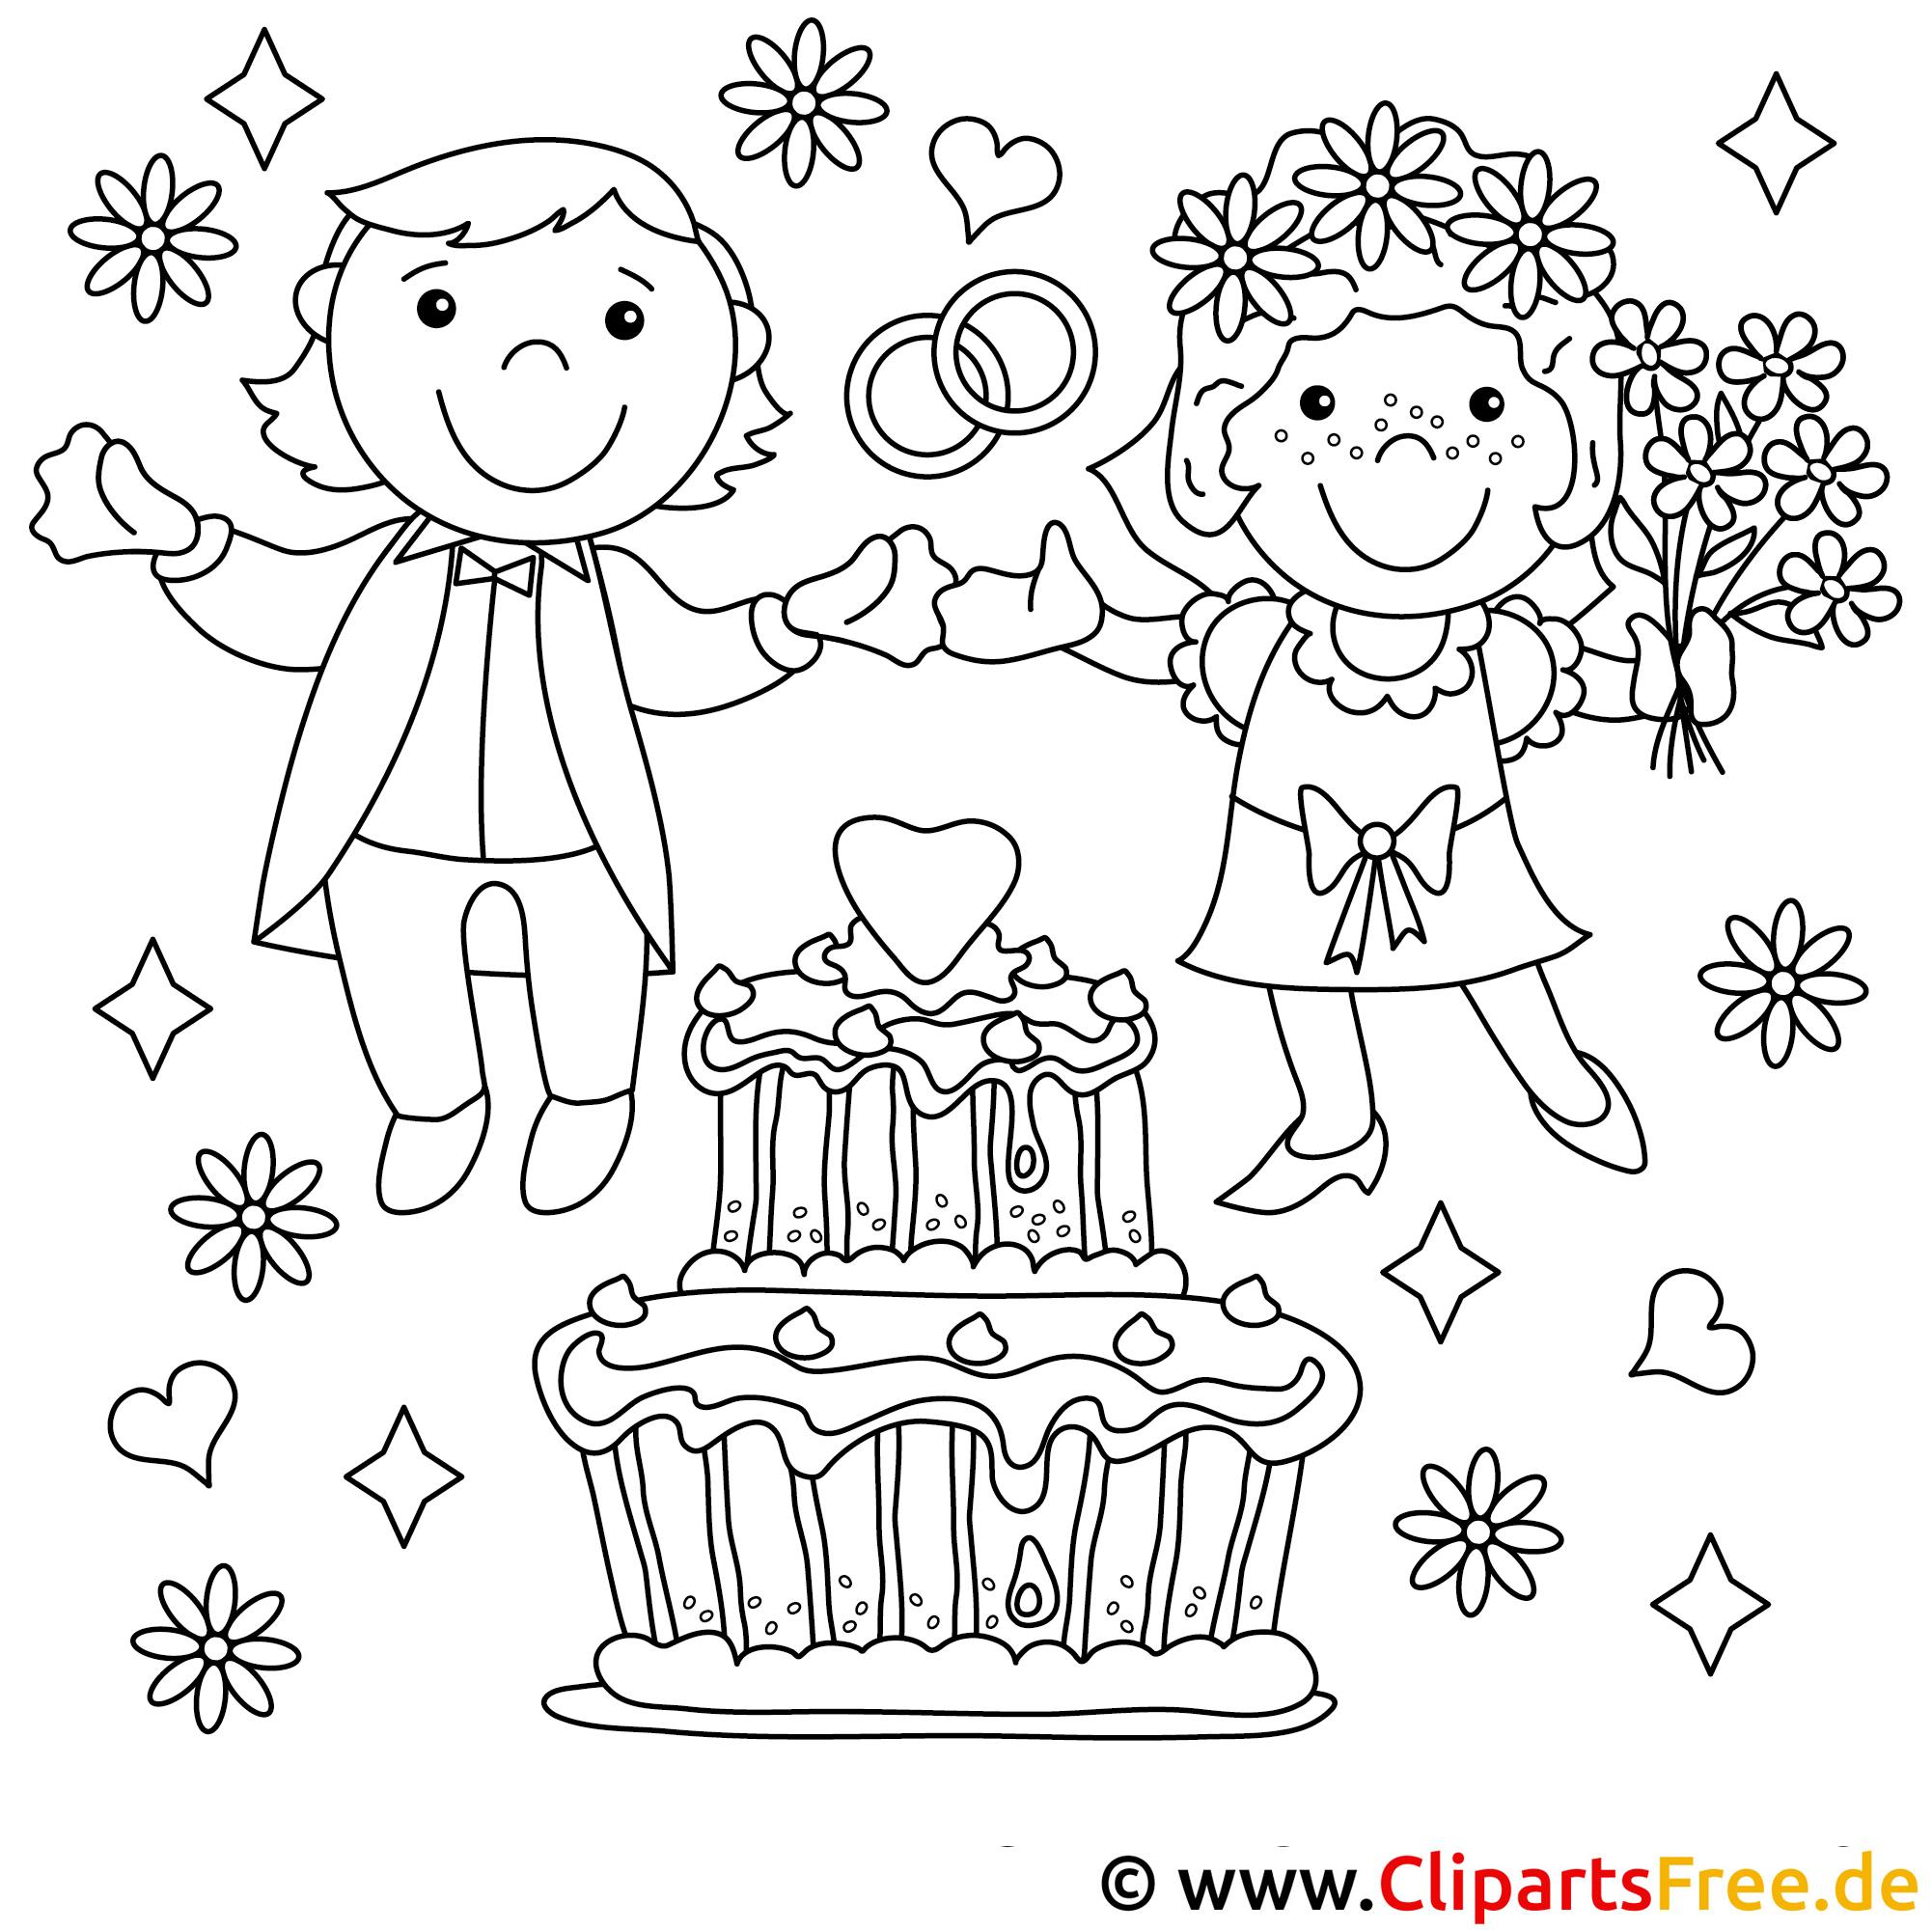 malvorlagen kinder hochzeit kostenlos  coloring and